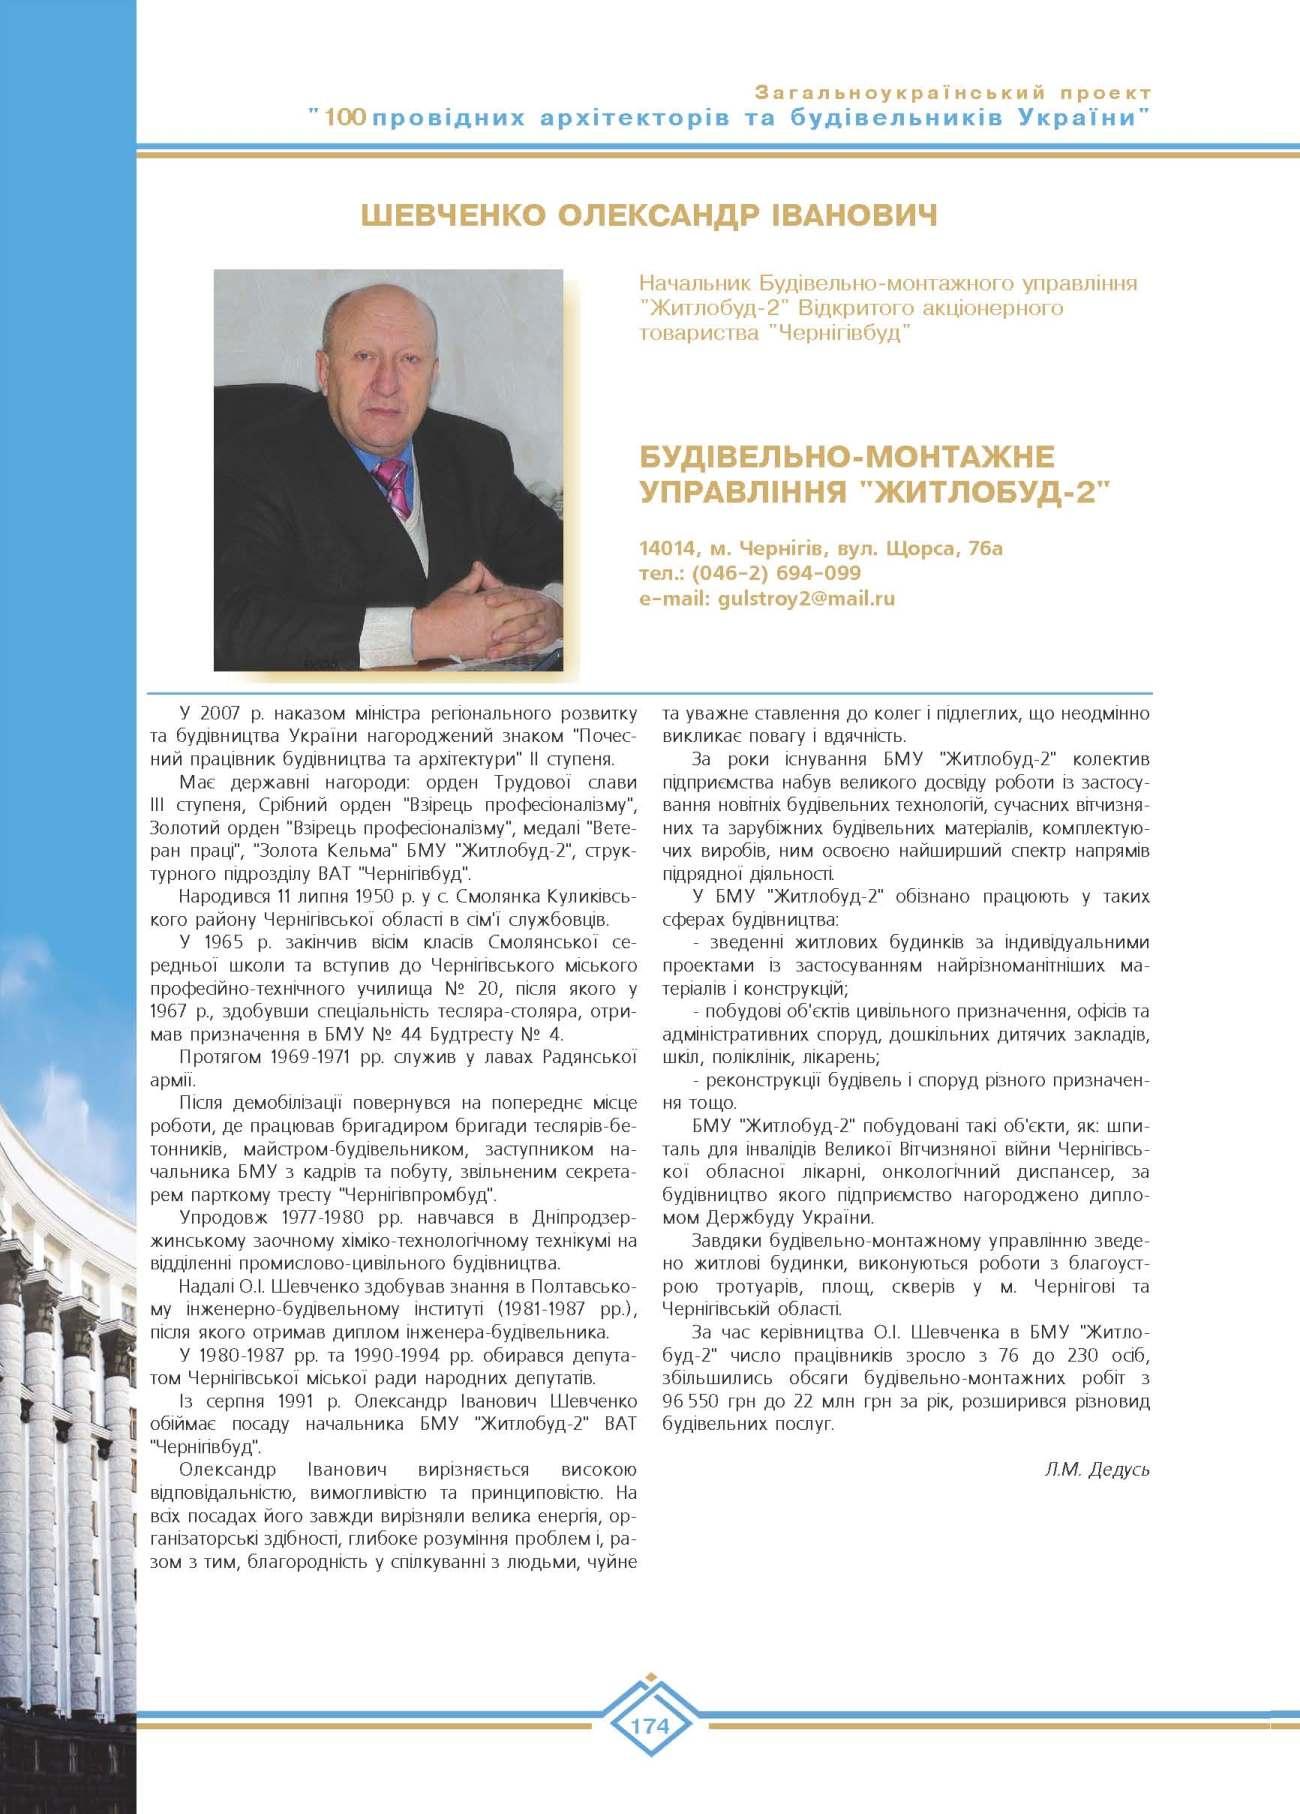 Шевченко Олександр Іванович